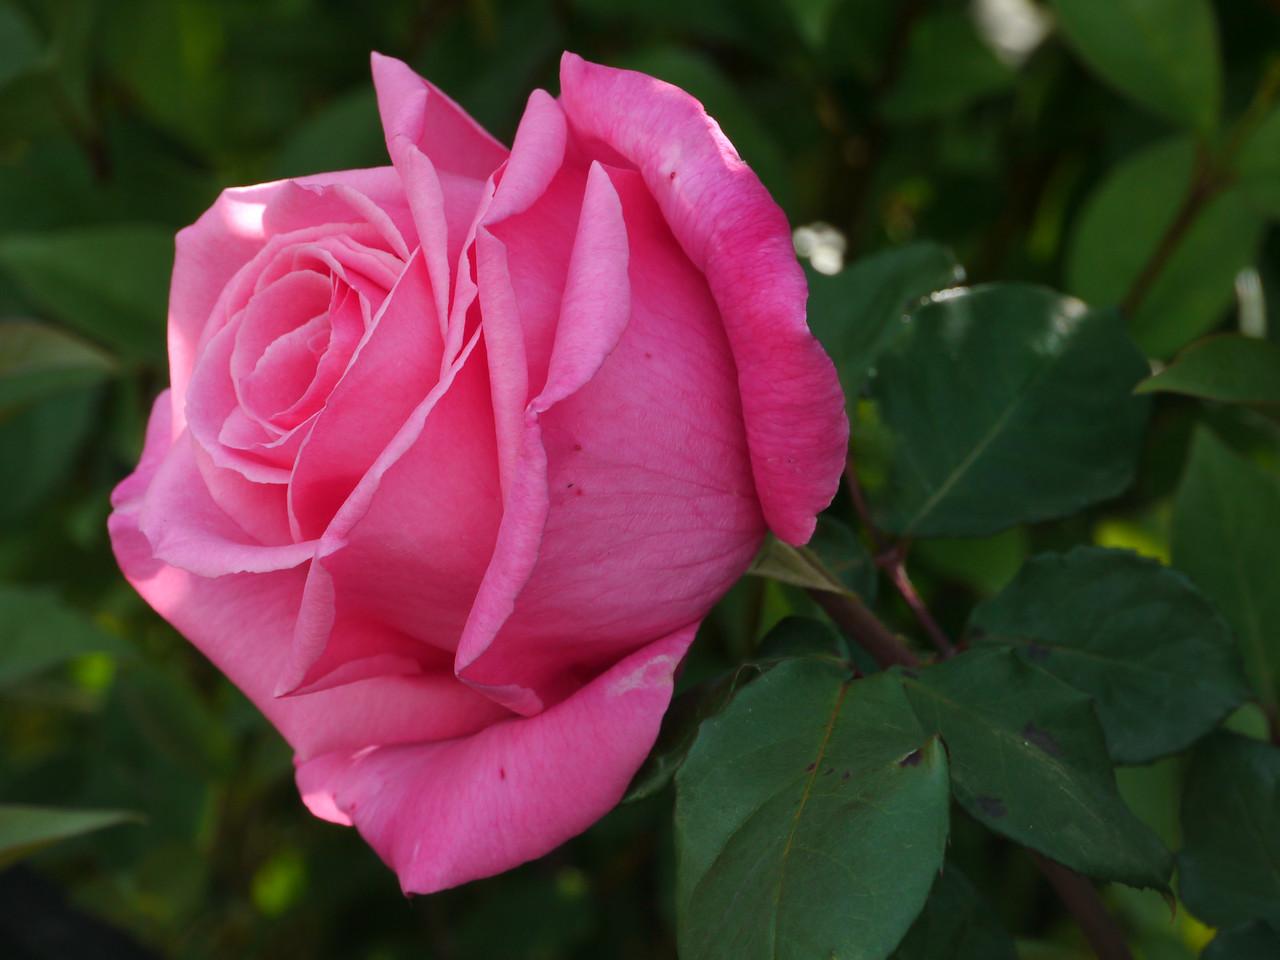 20121018_0829_4037 rose